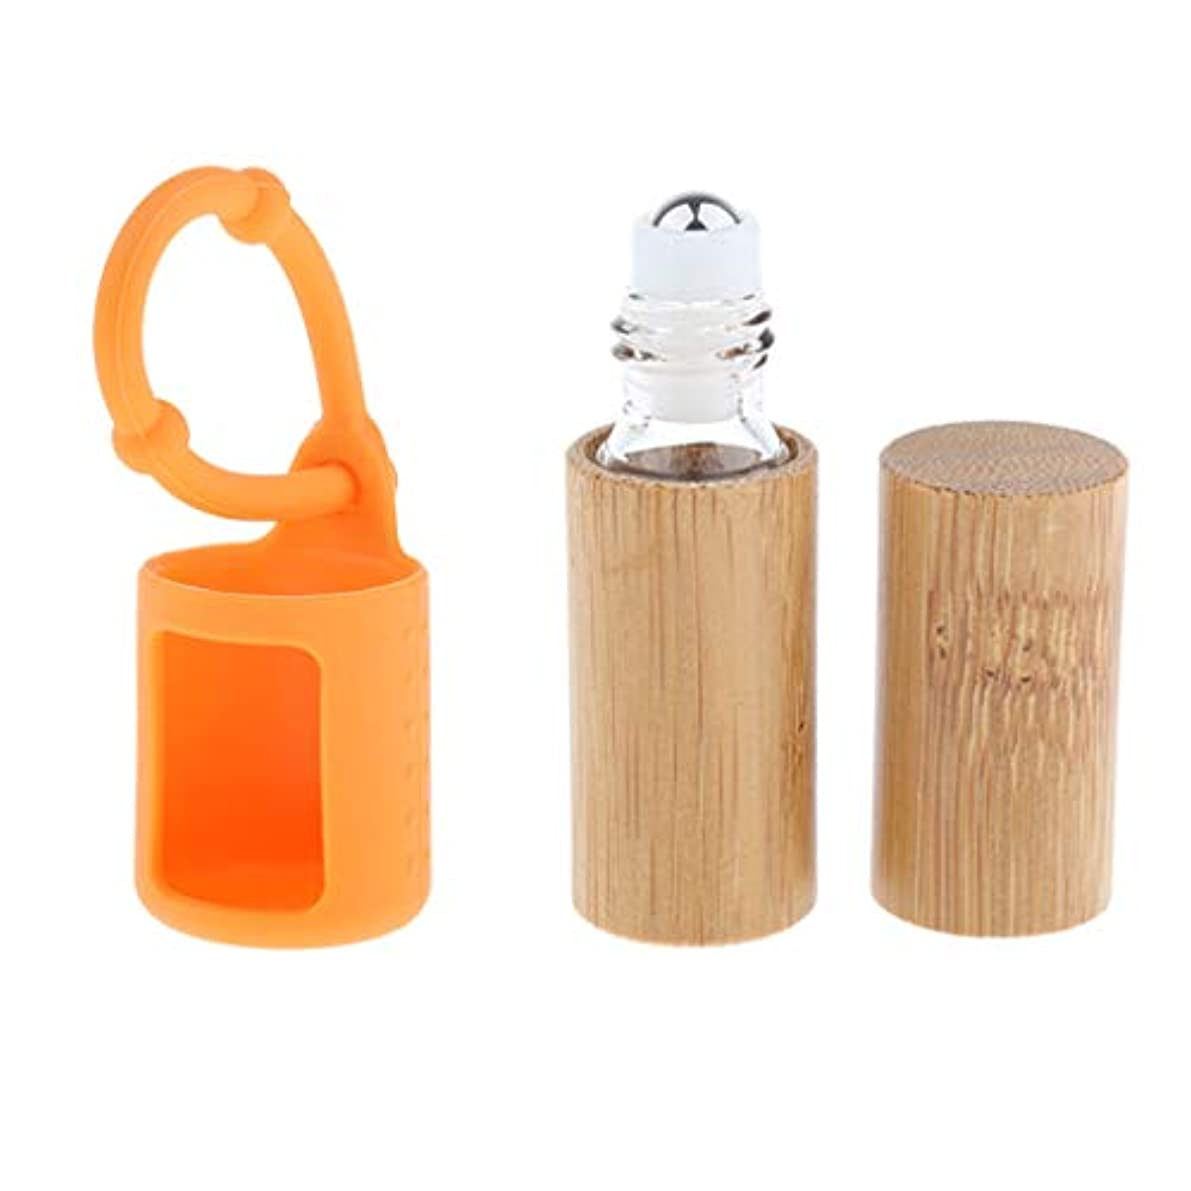 図書館カジュアルユーモラスD DOLITY 竹ボトル エッセンシャルオイル 香水 オイル 精油瓶 詰め替え 5ミリ 吊り掛けバッグ付